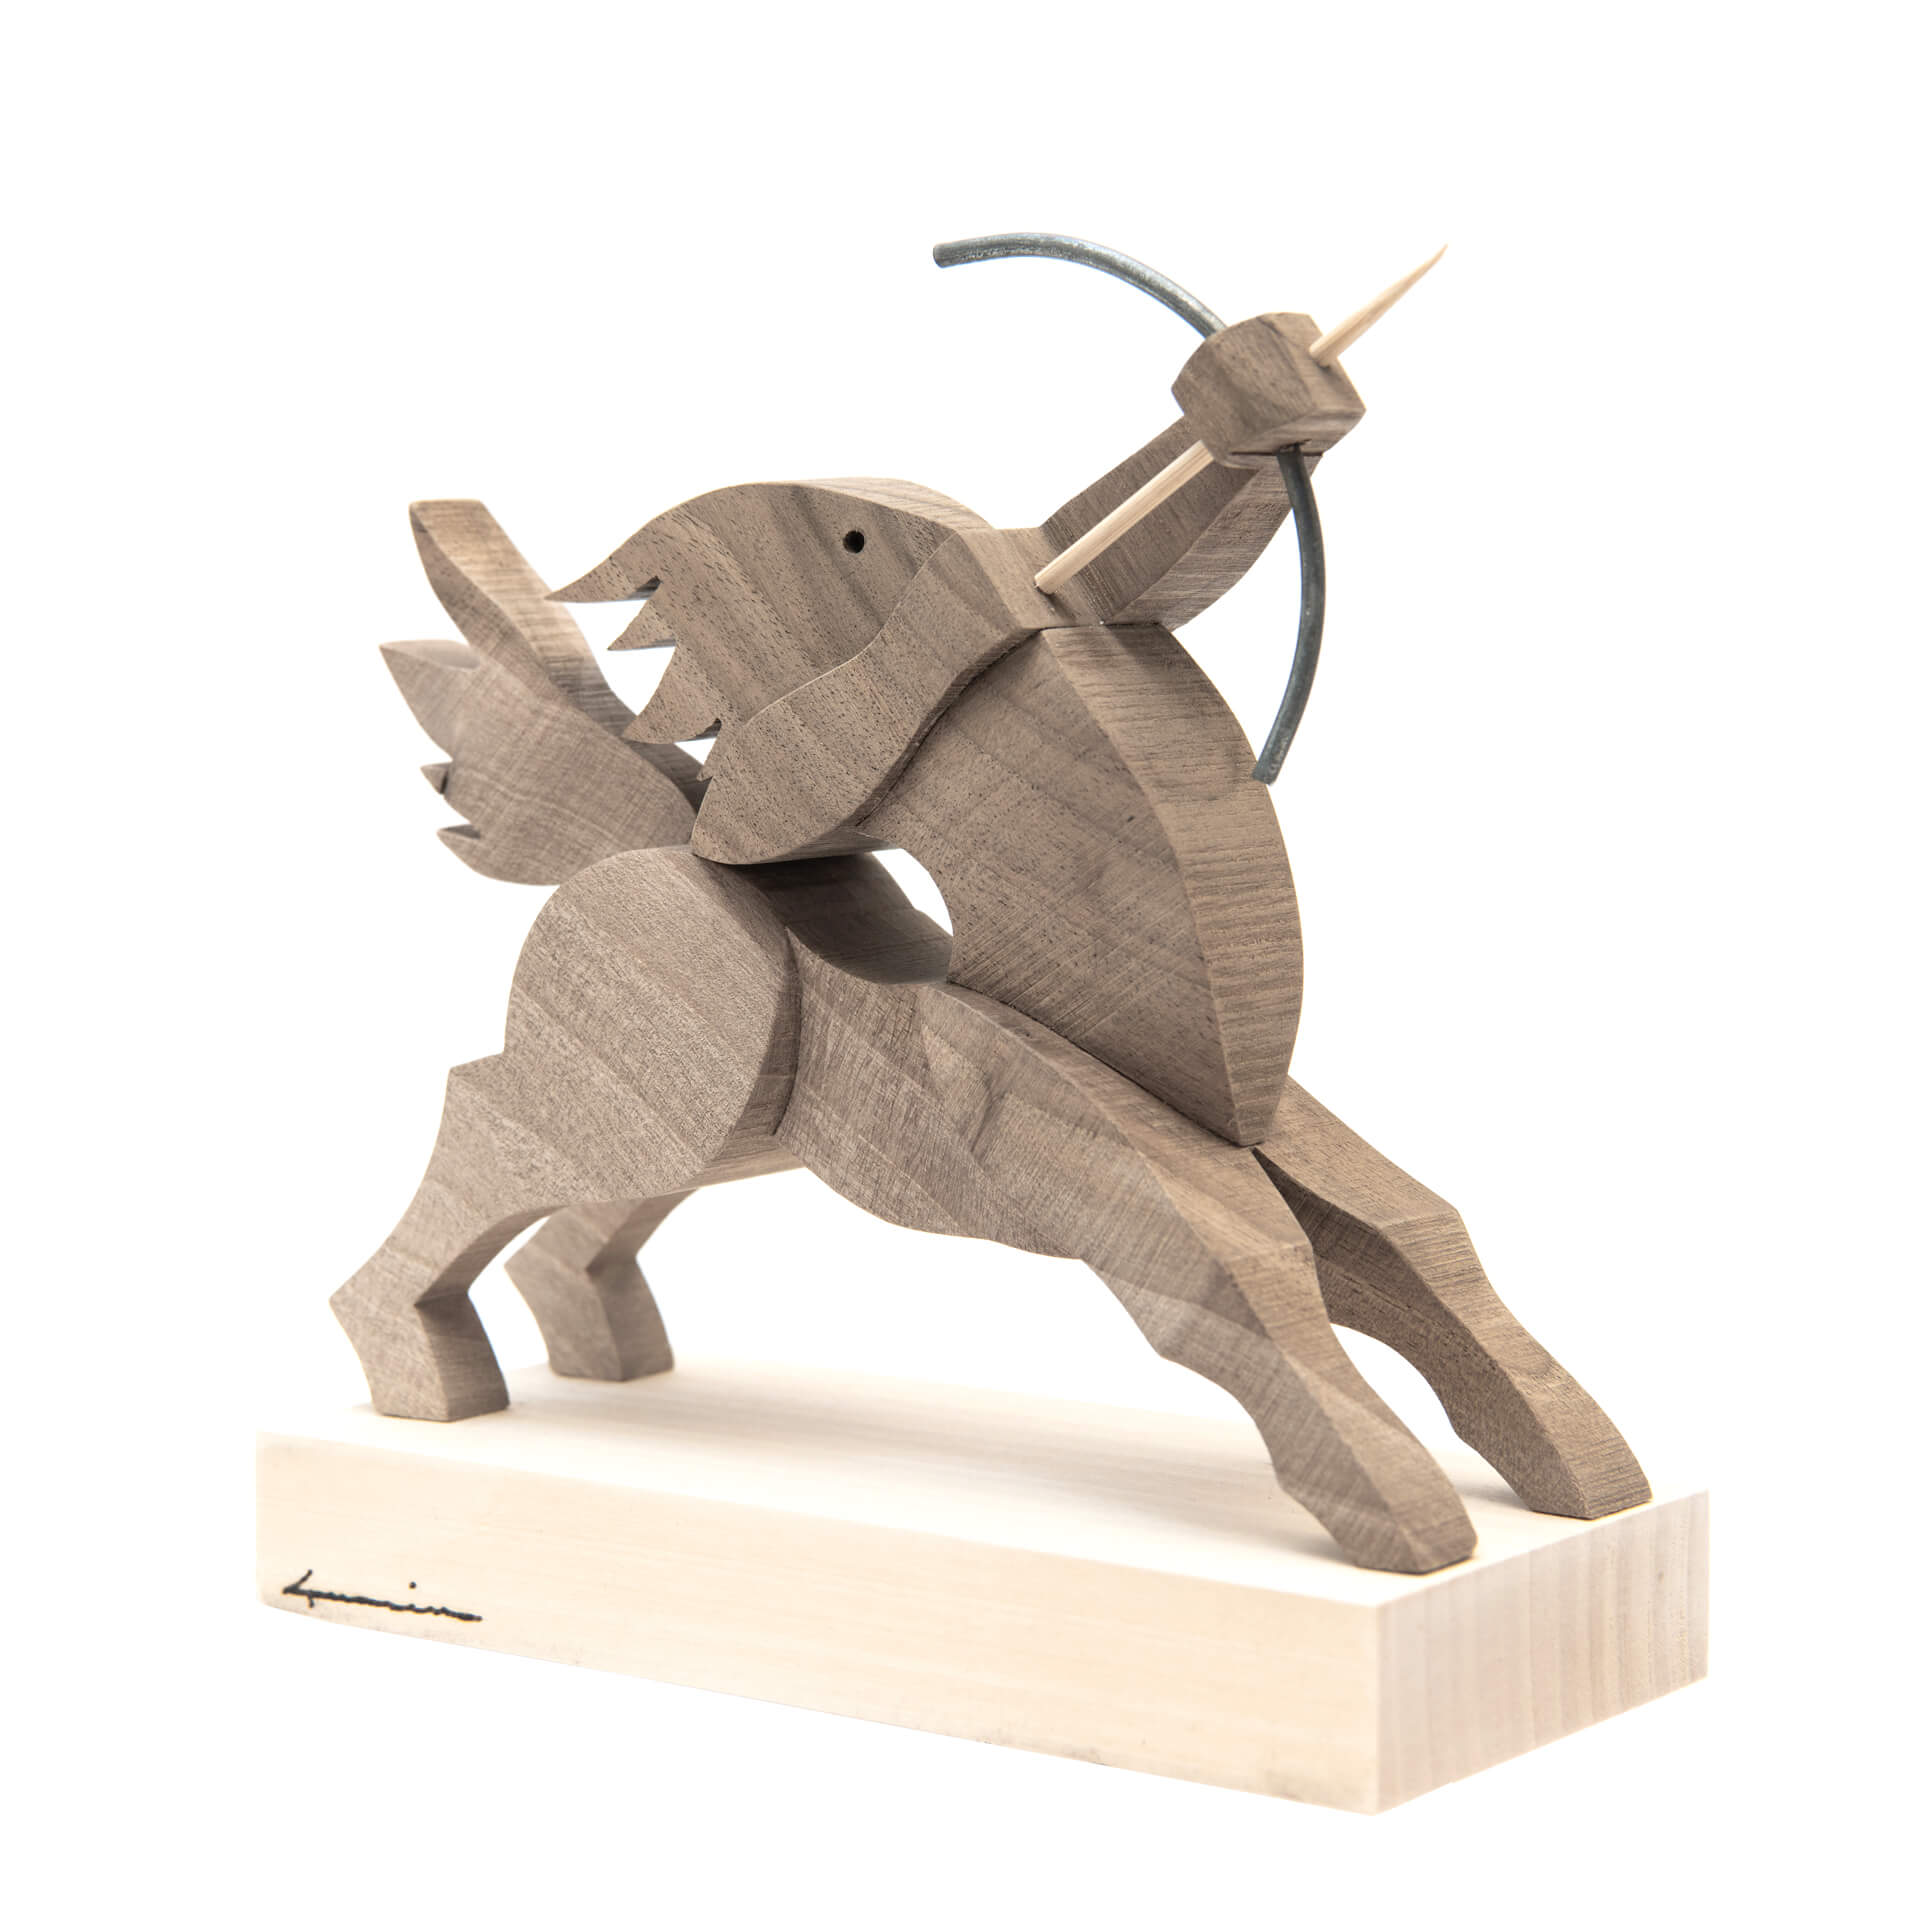 Scultura in legno Sagittario- Dimensione media 18 x 8 x 18 cm (b x p x h)